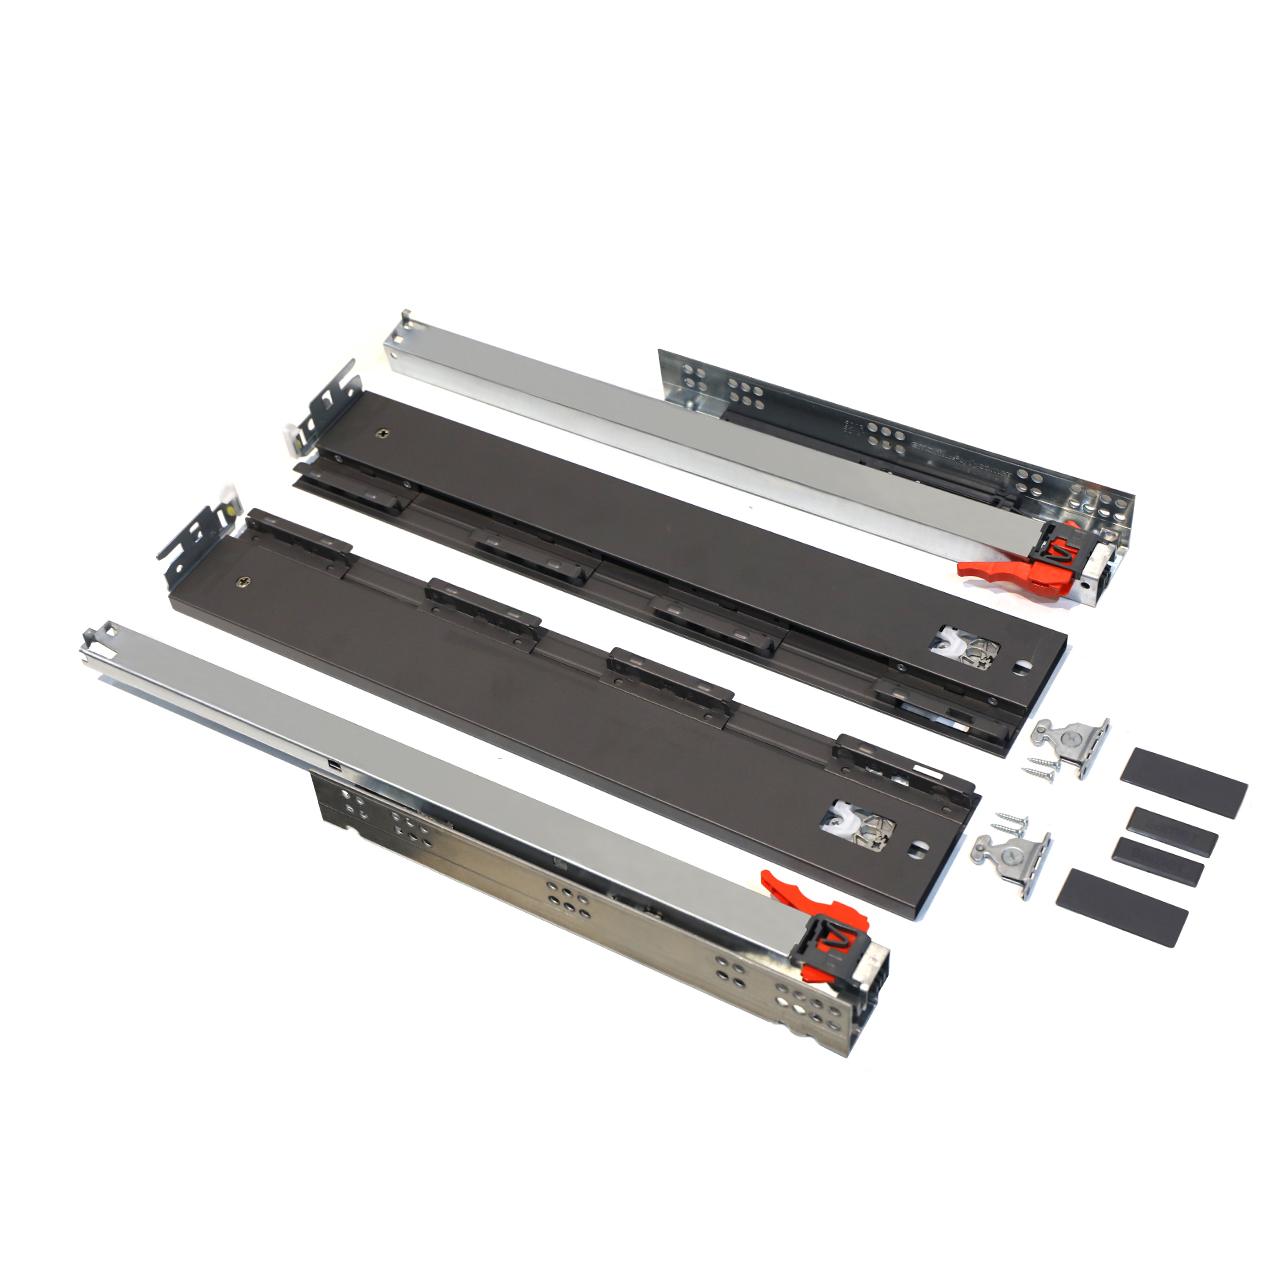 ریل کشو آرام بند صامت مدل Alphabox AT40 سایز 40 سانتیمتری بسته 2 عددی